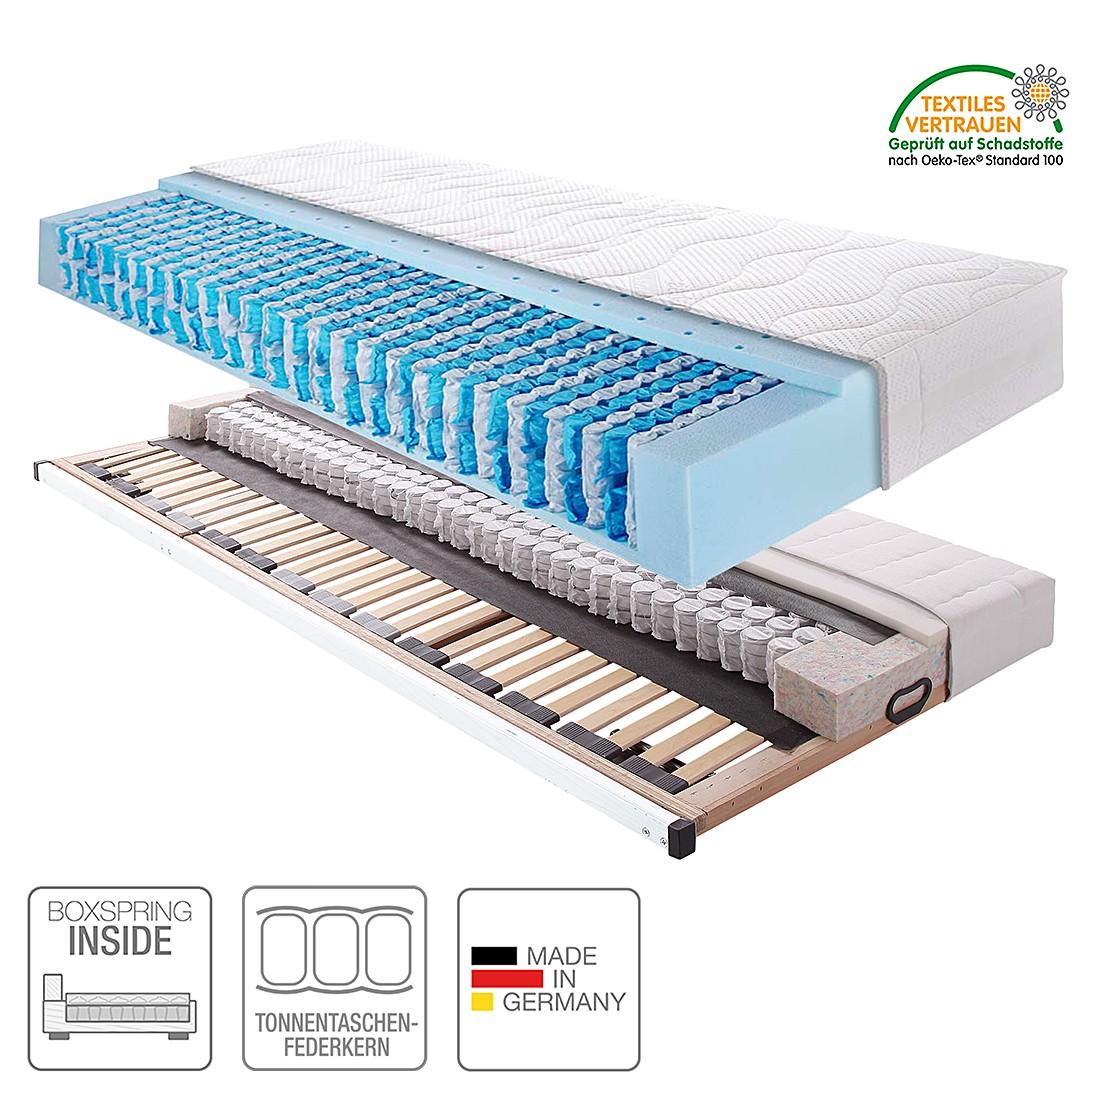 Boxspring Inside System Sleep Luxus II – 100 x 200cm – H2 bis 110 kg, Breckle online bestellen